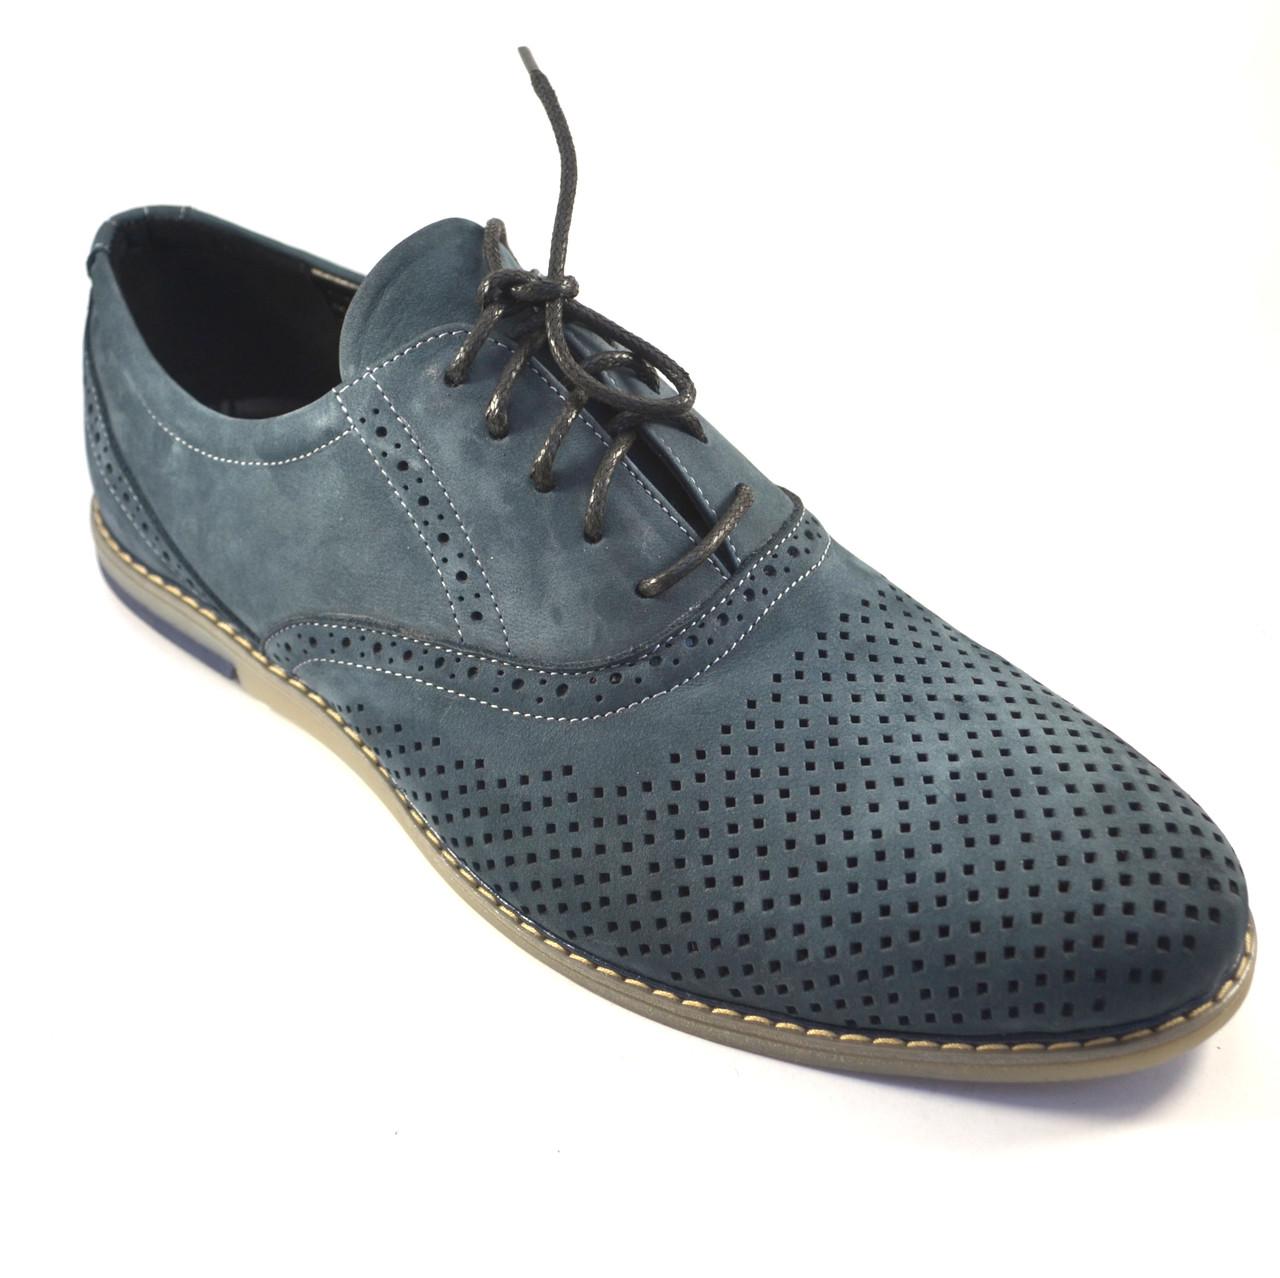 Летние туфли мужские замшевые в сеточку Rosso Avangard Romano Navy Grey Perf